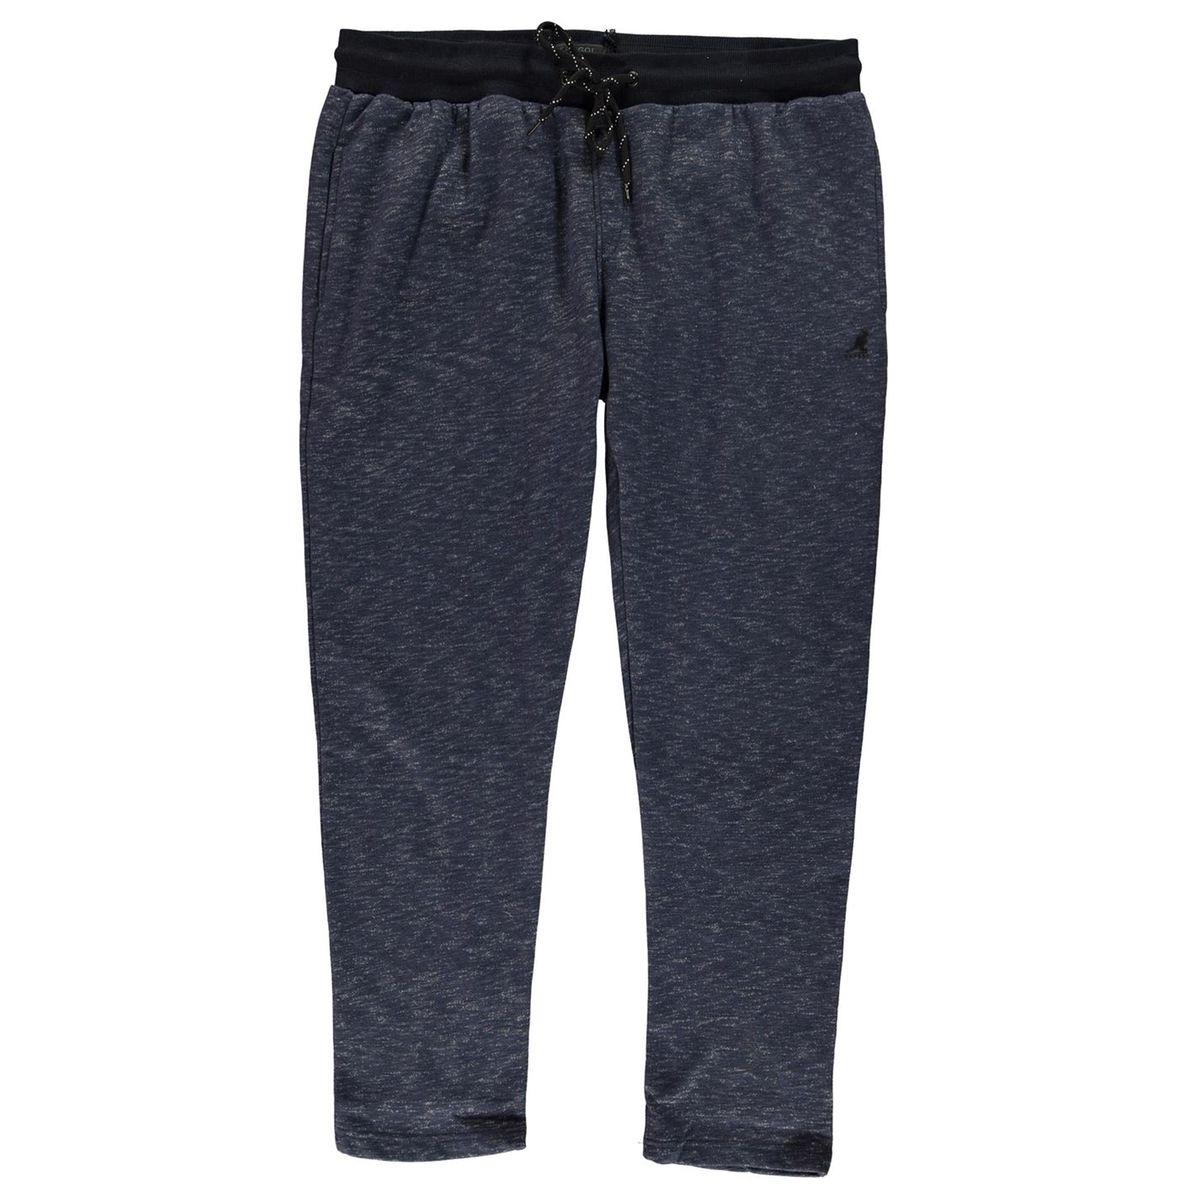 Pantalon de survêtement en polaire serré